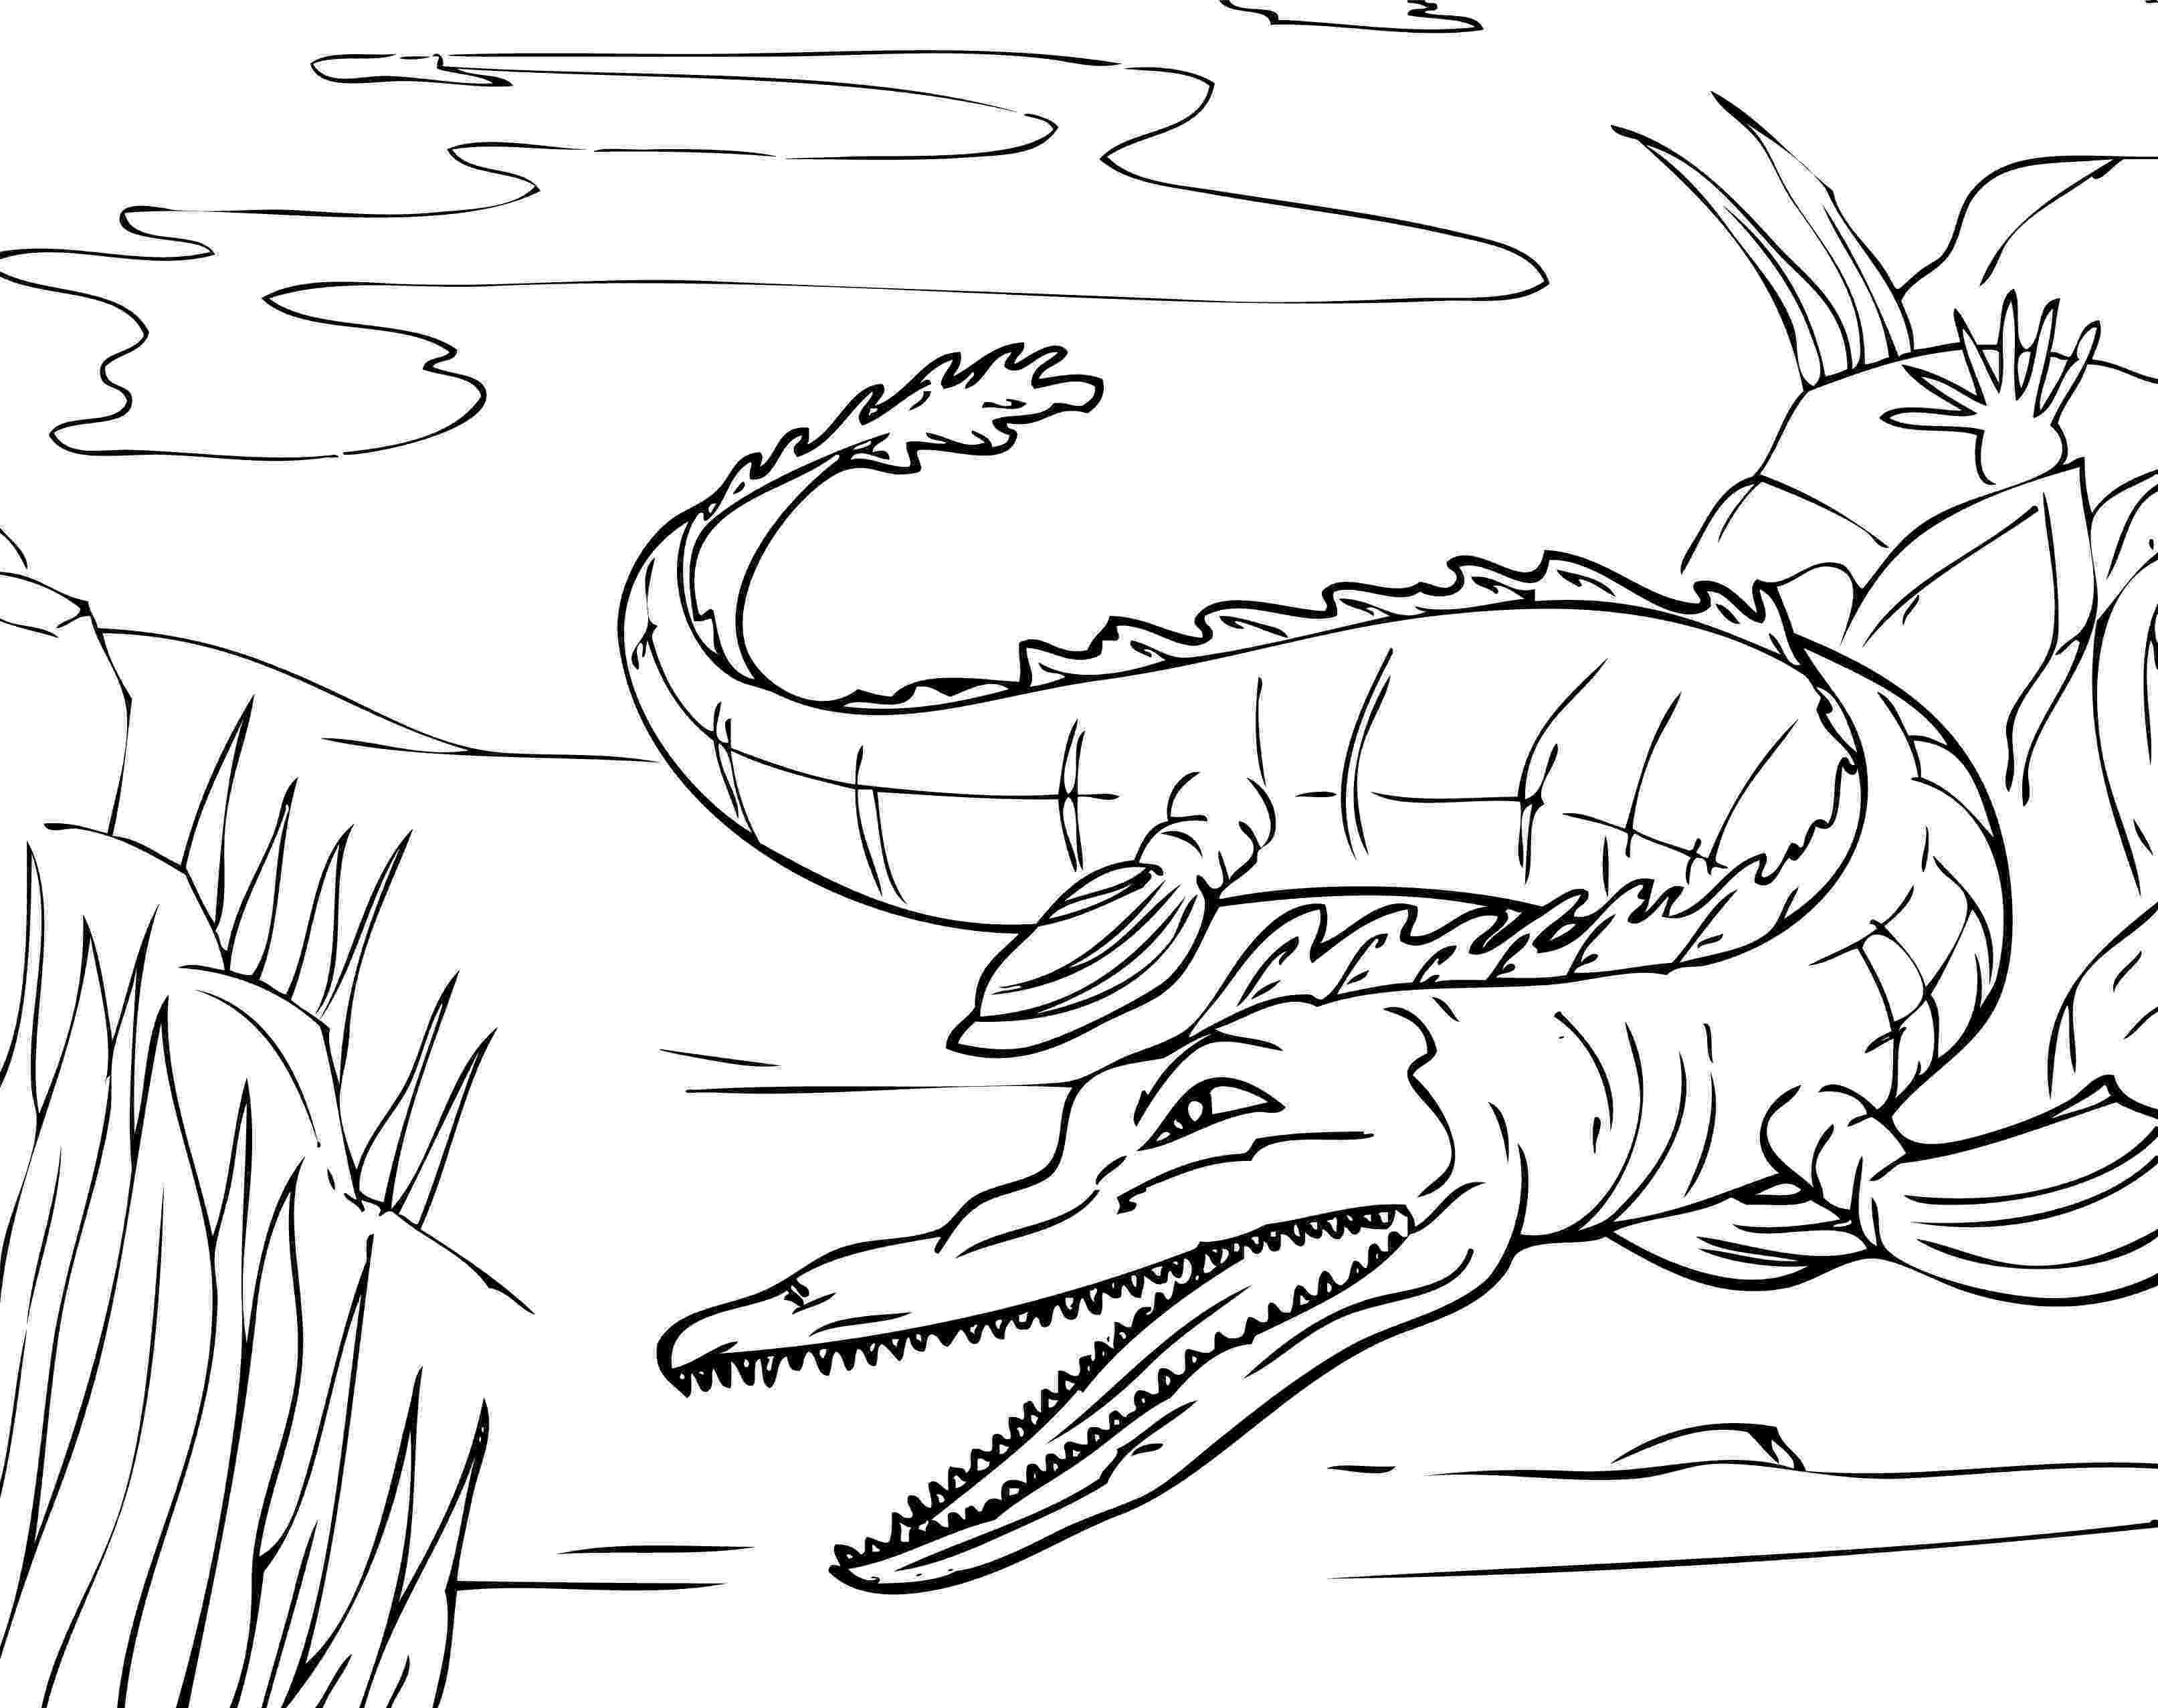 alligator color free printable alligator coloring pages for kids alligator color